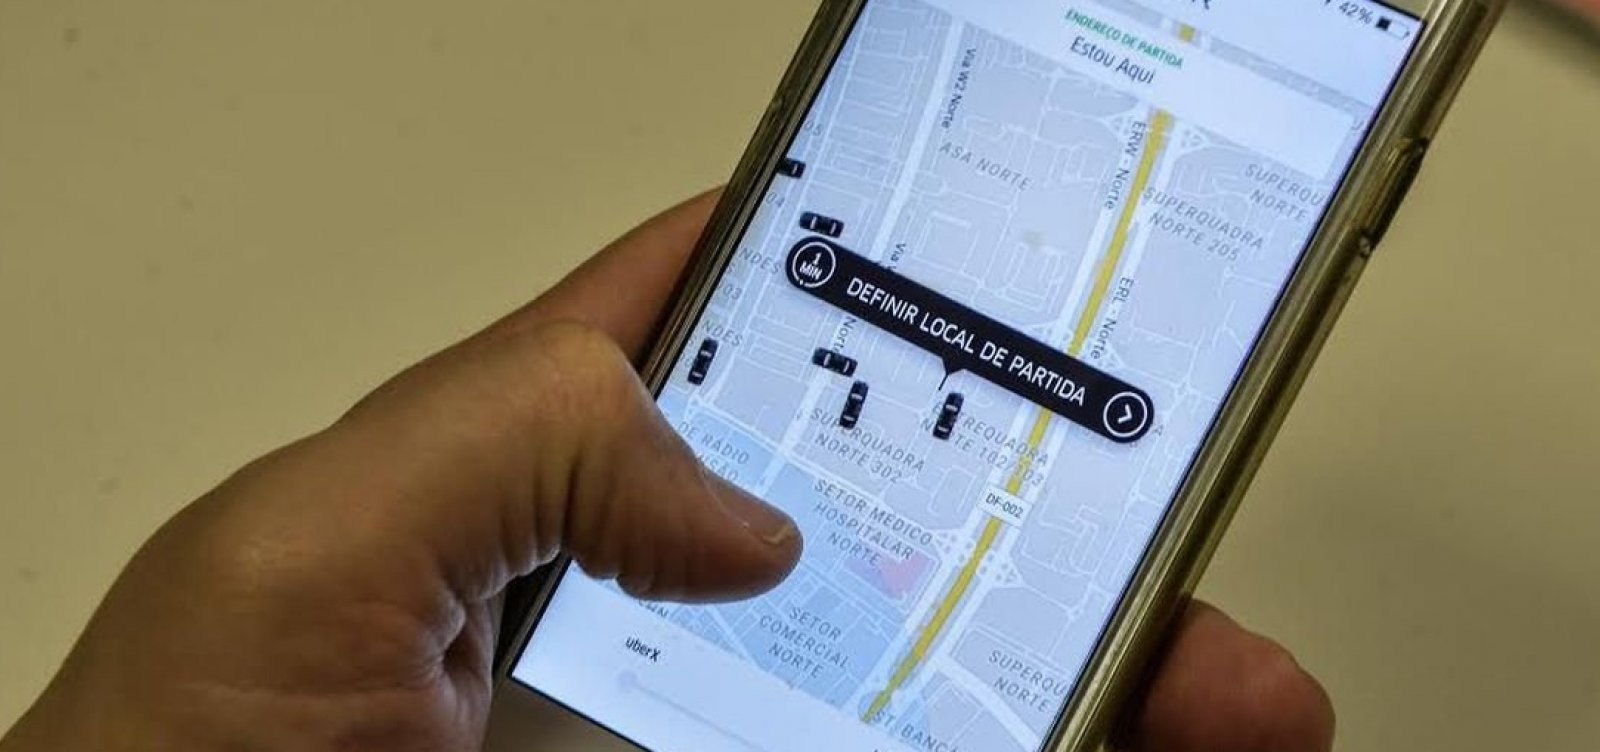 Adolescente grava assédio de motorista da Uber durante viagem